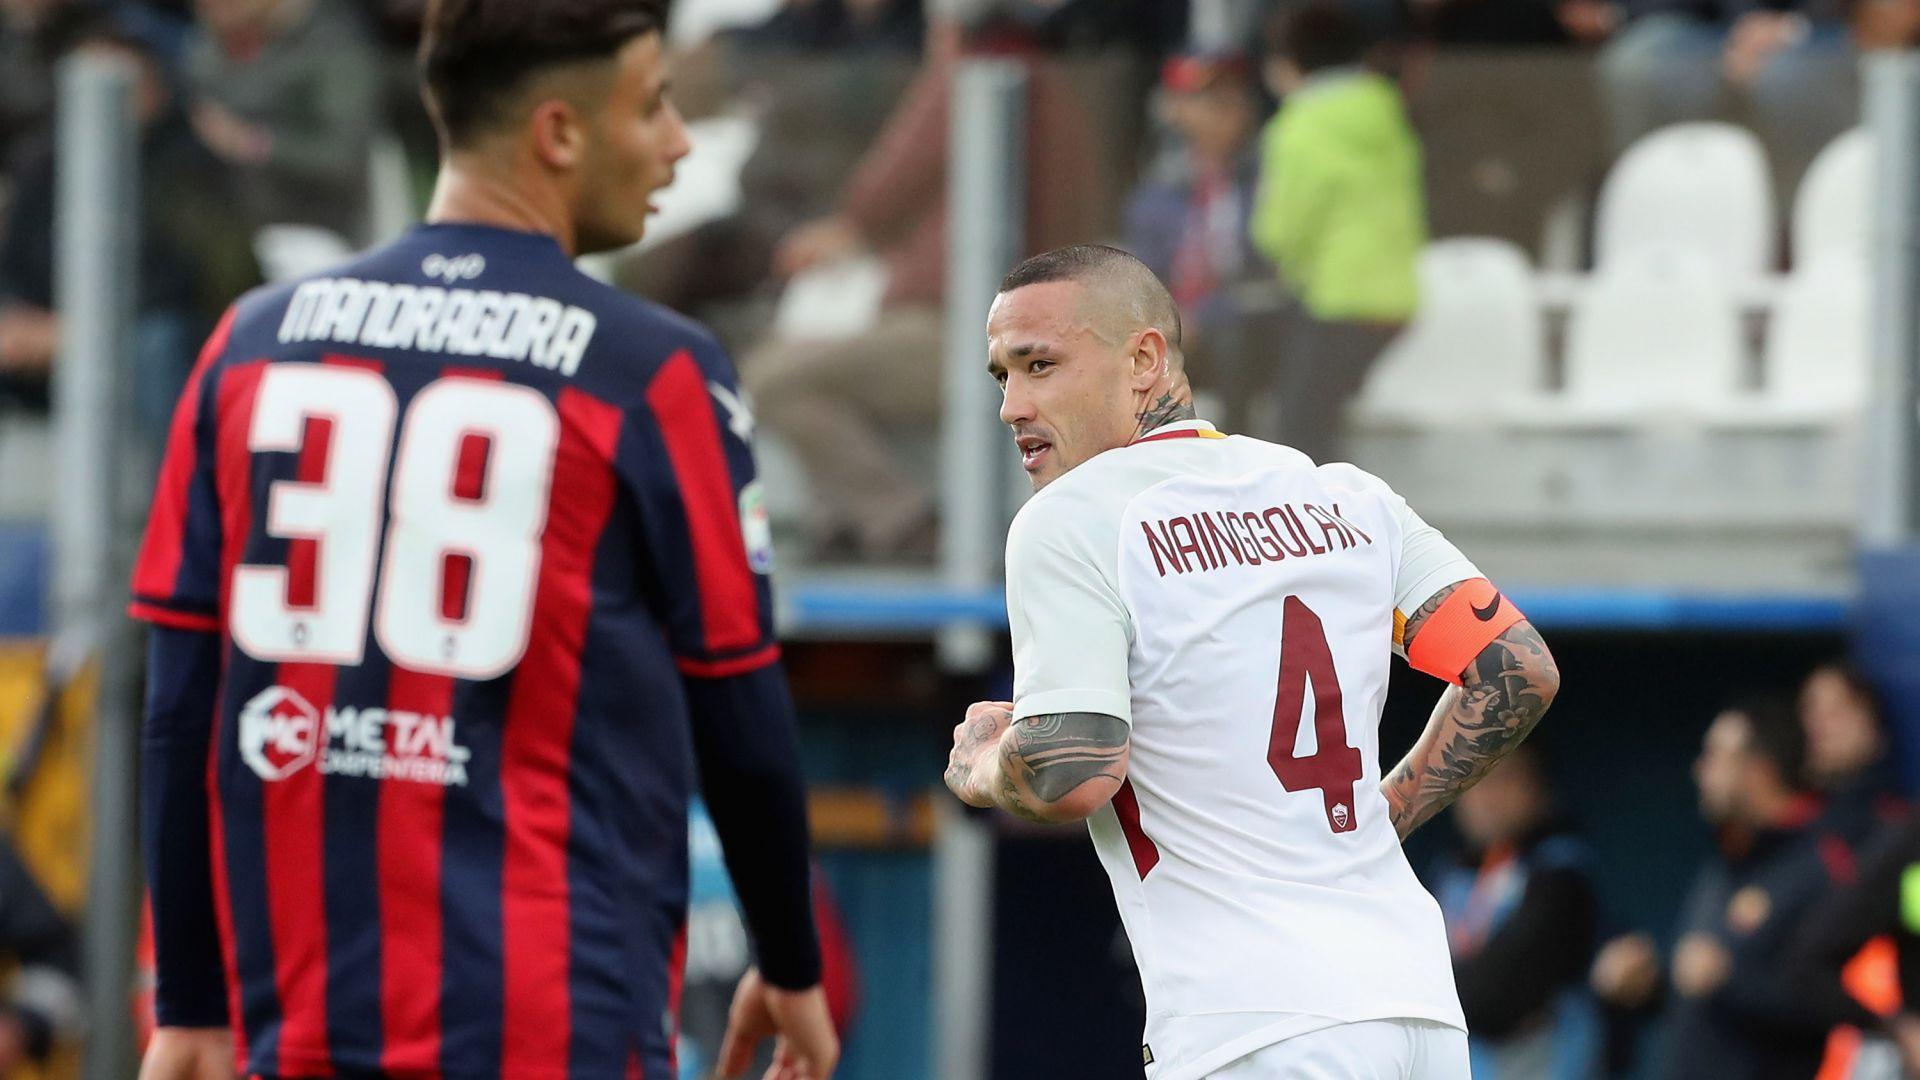 Crotone Roma 0-2 in diretta: risultato LIVE